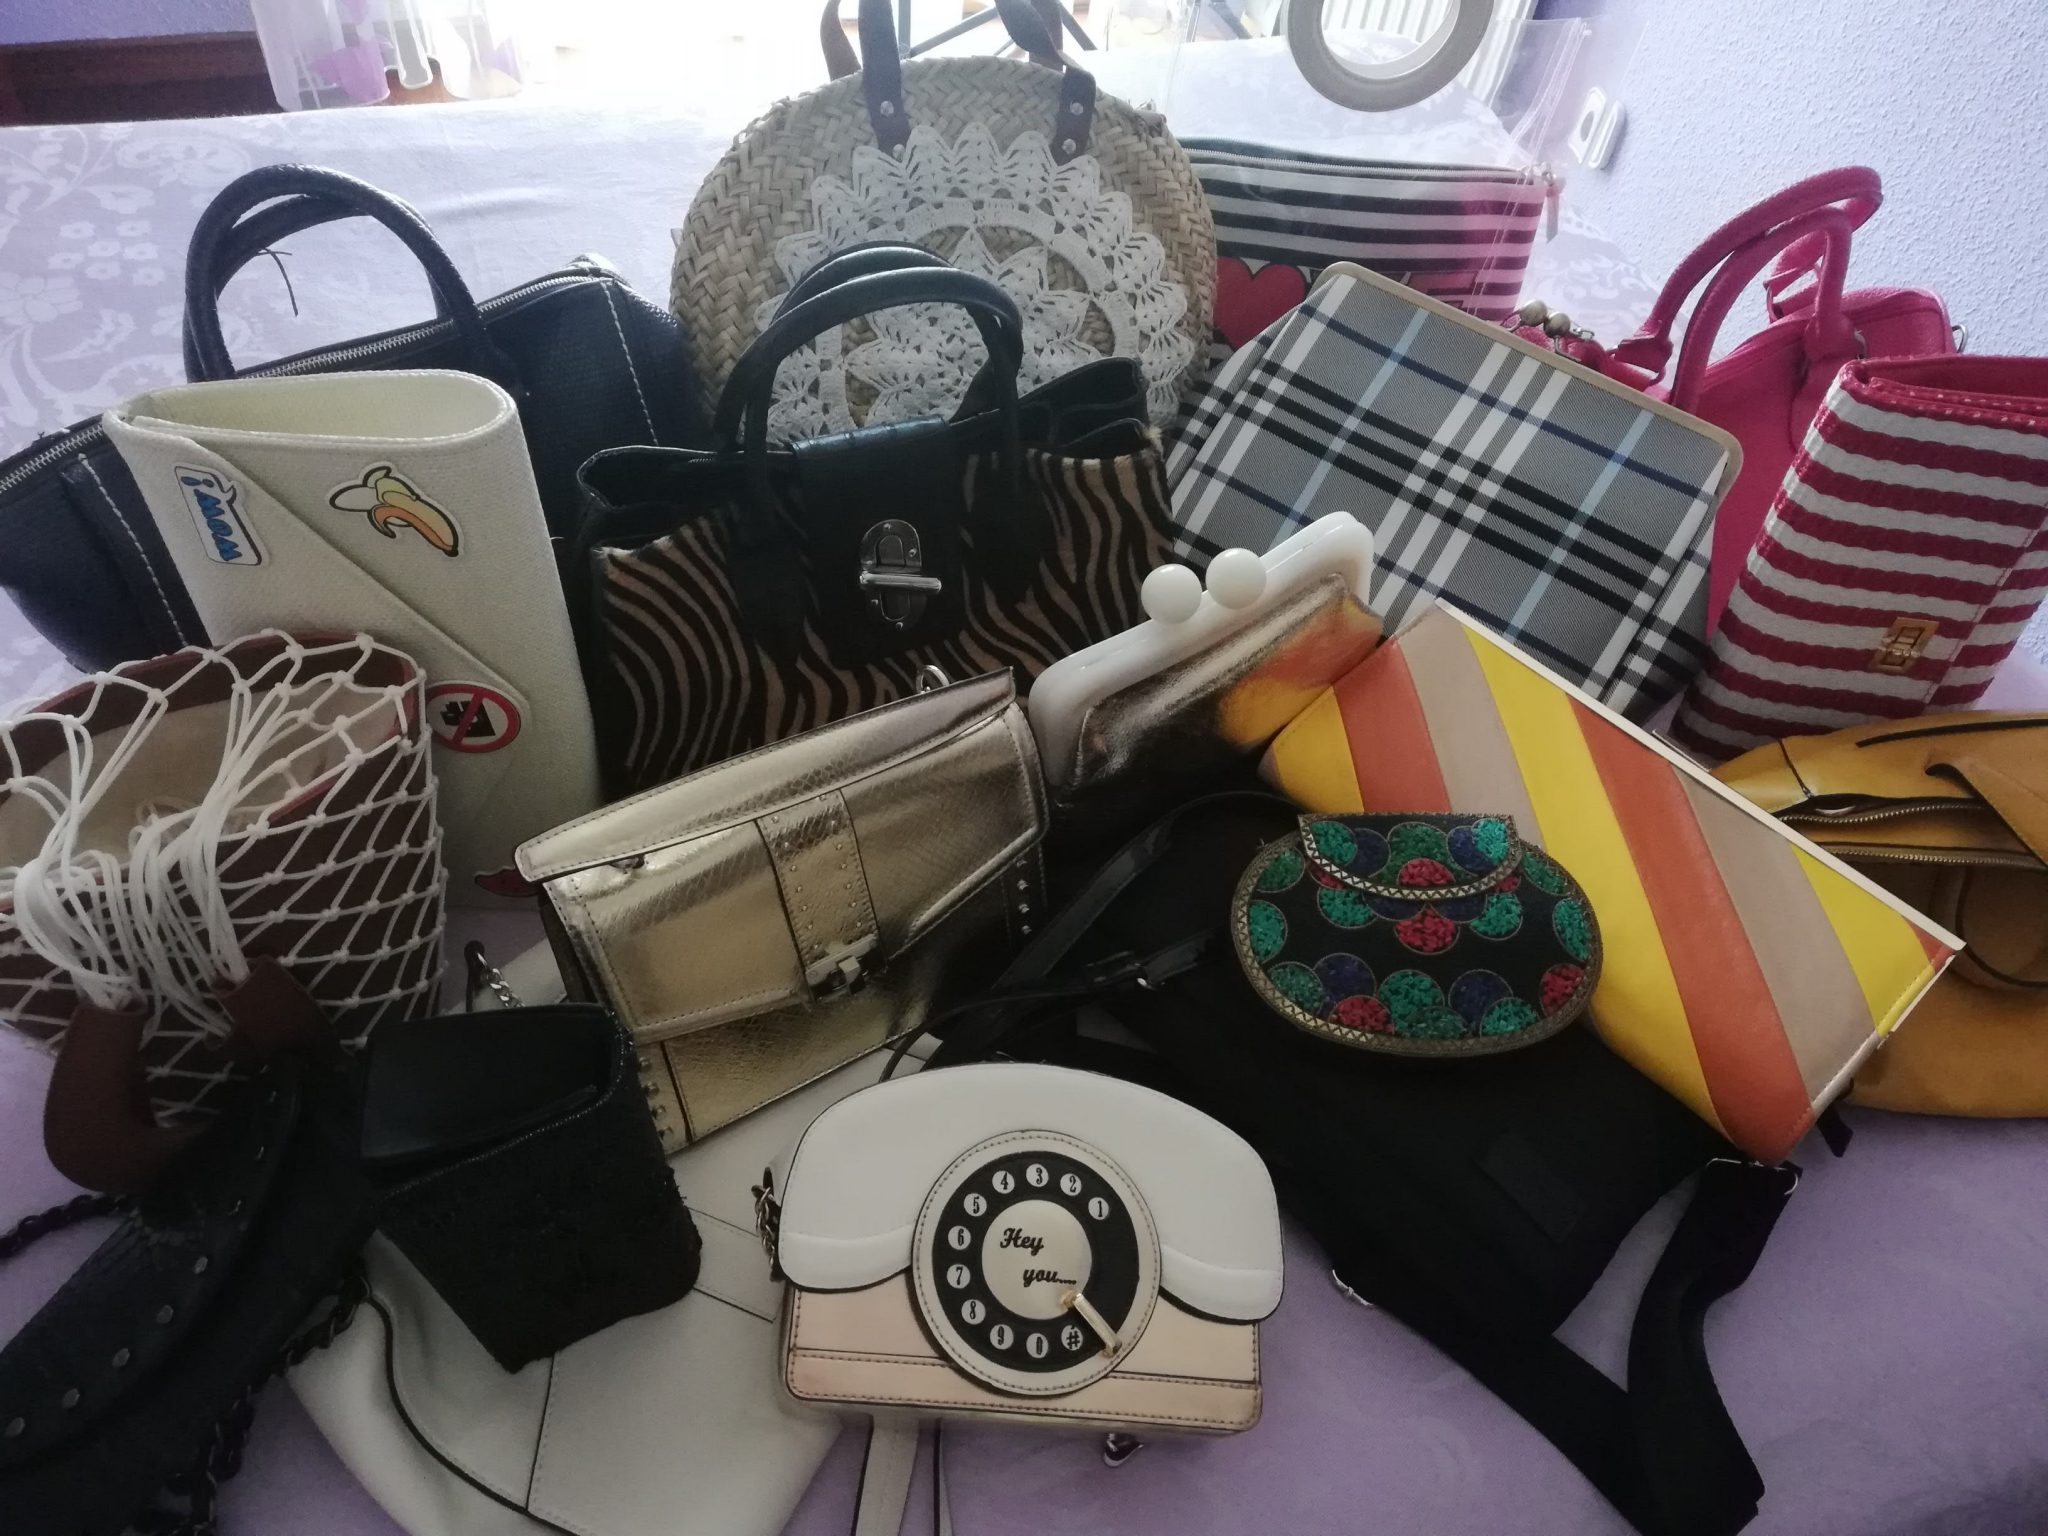 todos los bolsos de abuela a la ultima